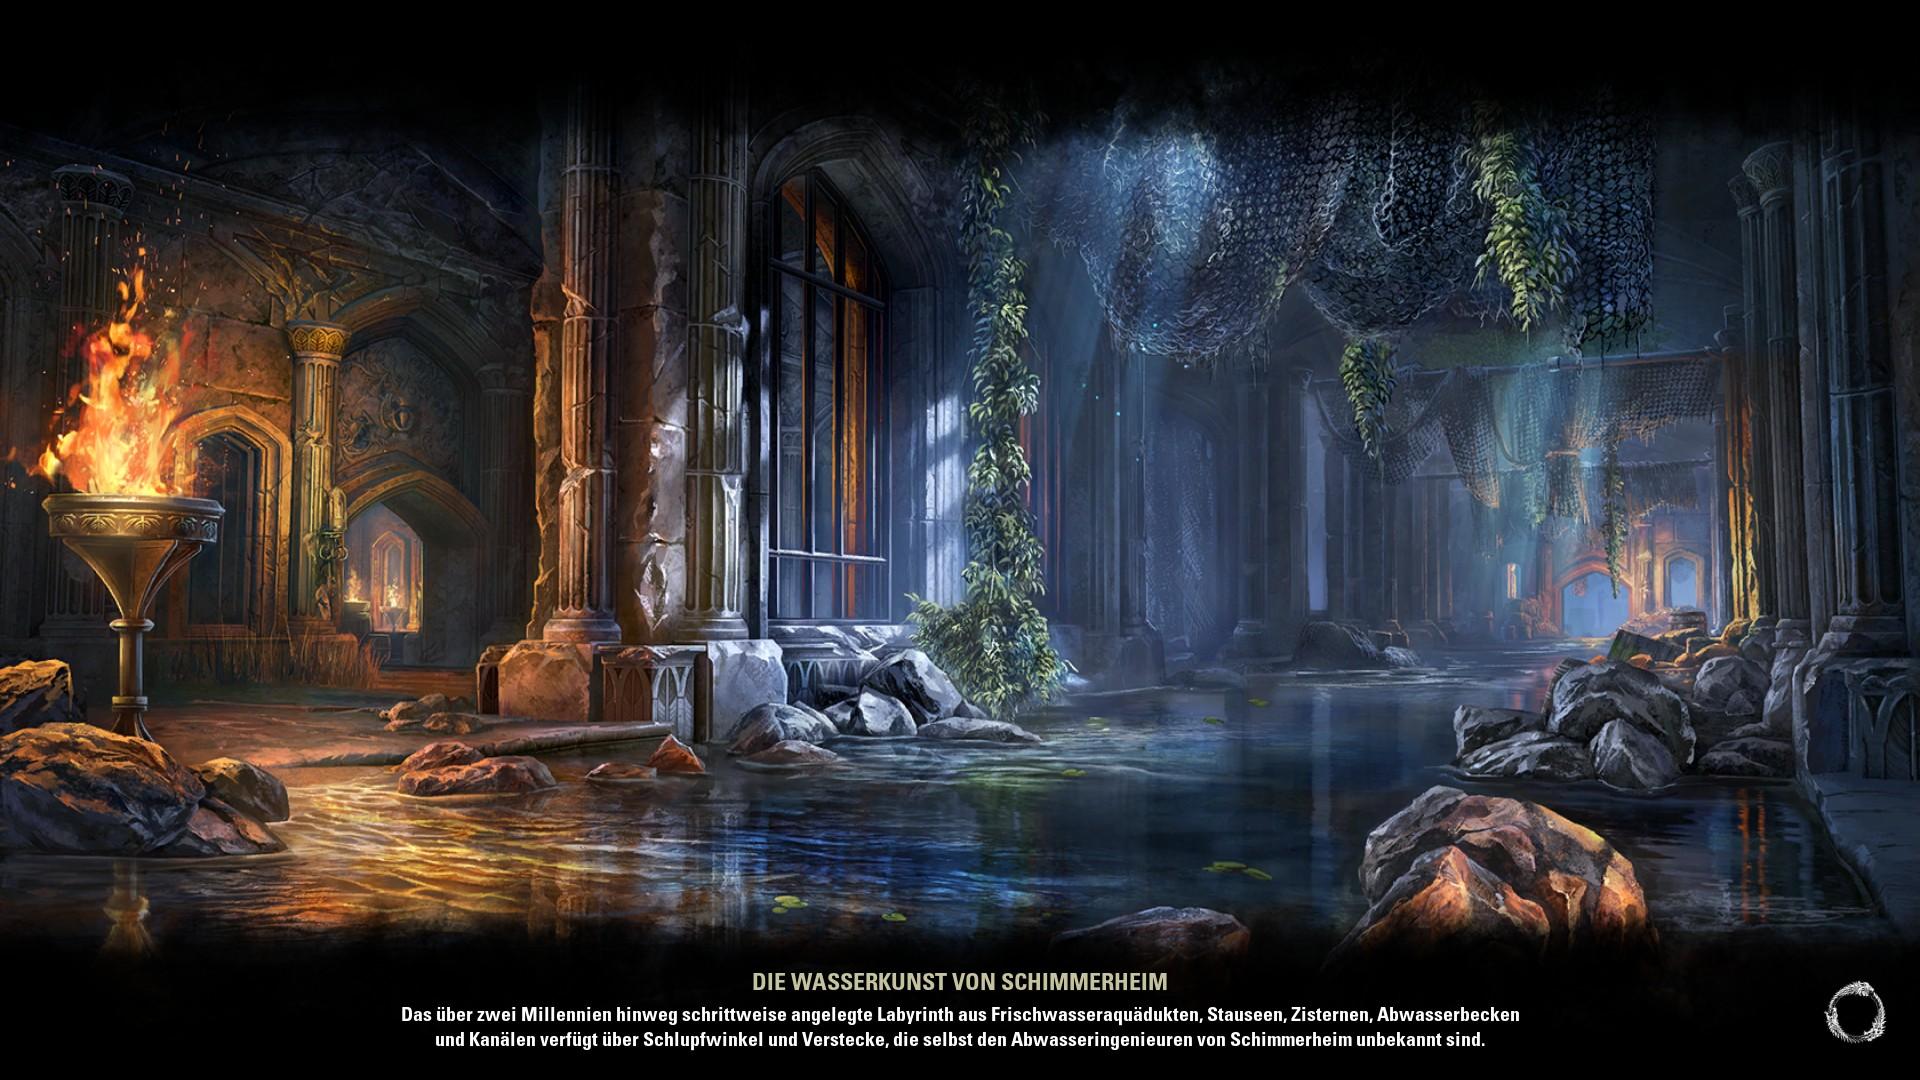 J - TESO Sommersend - Wasserkunst von Schimmerheim.jpg